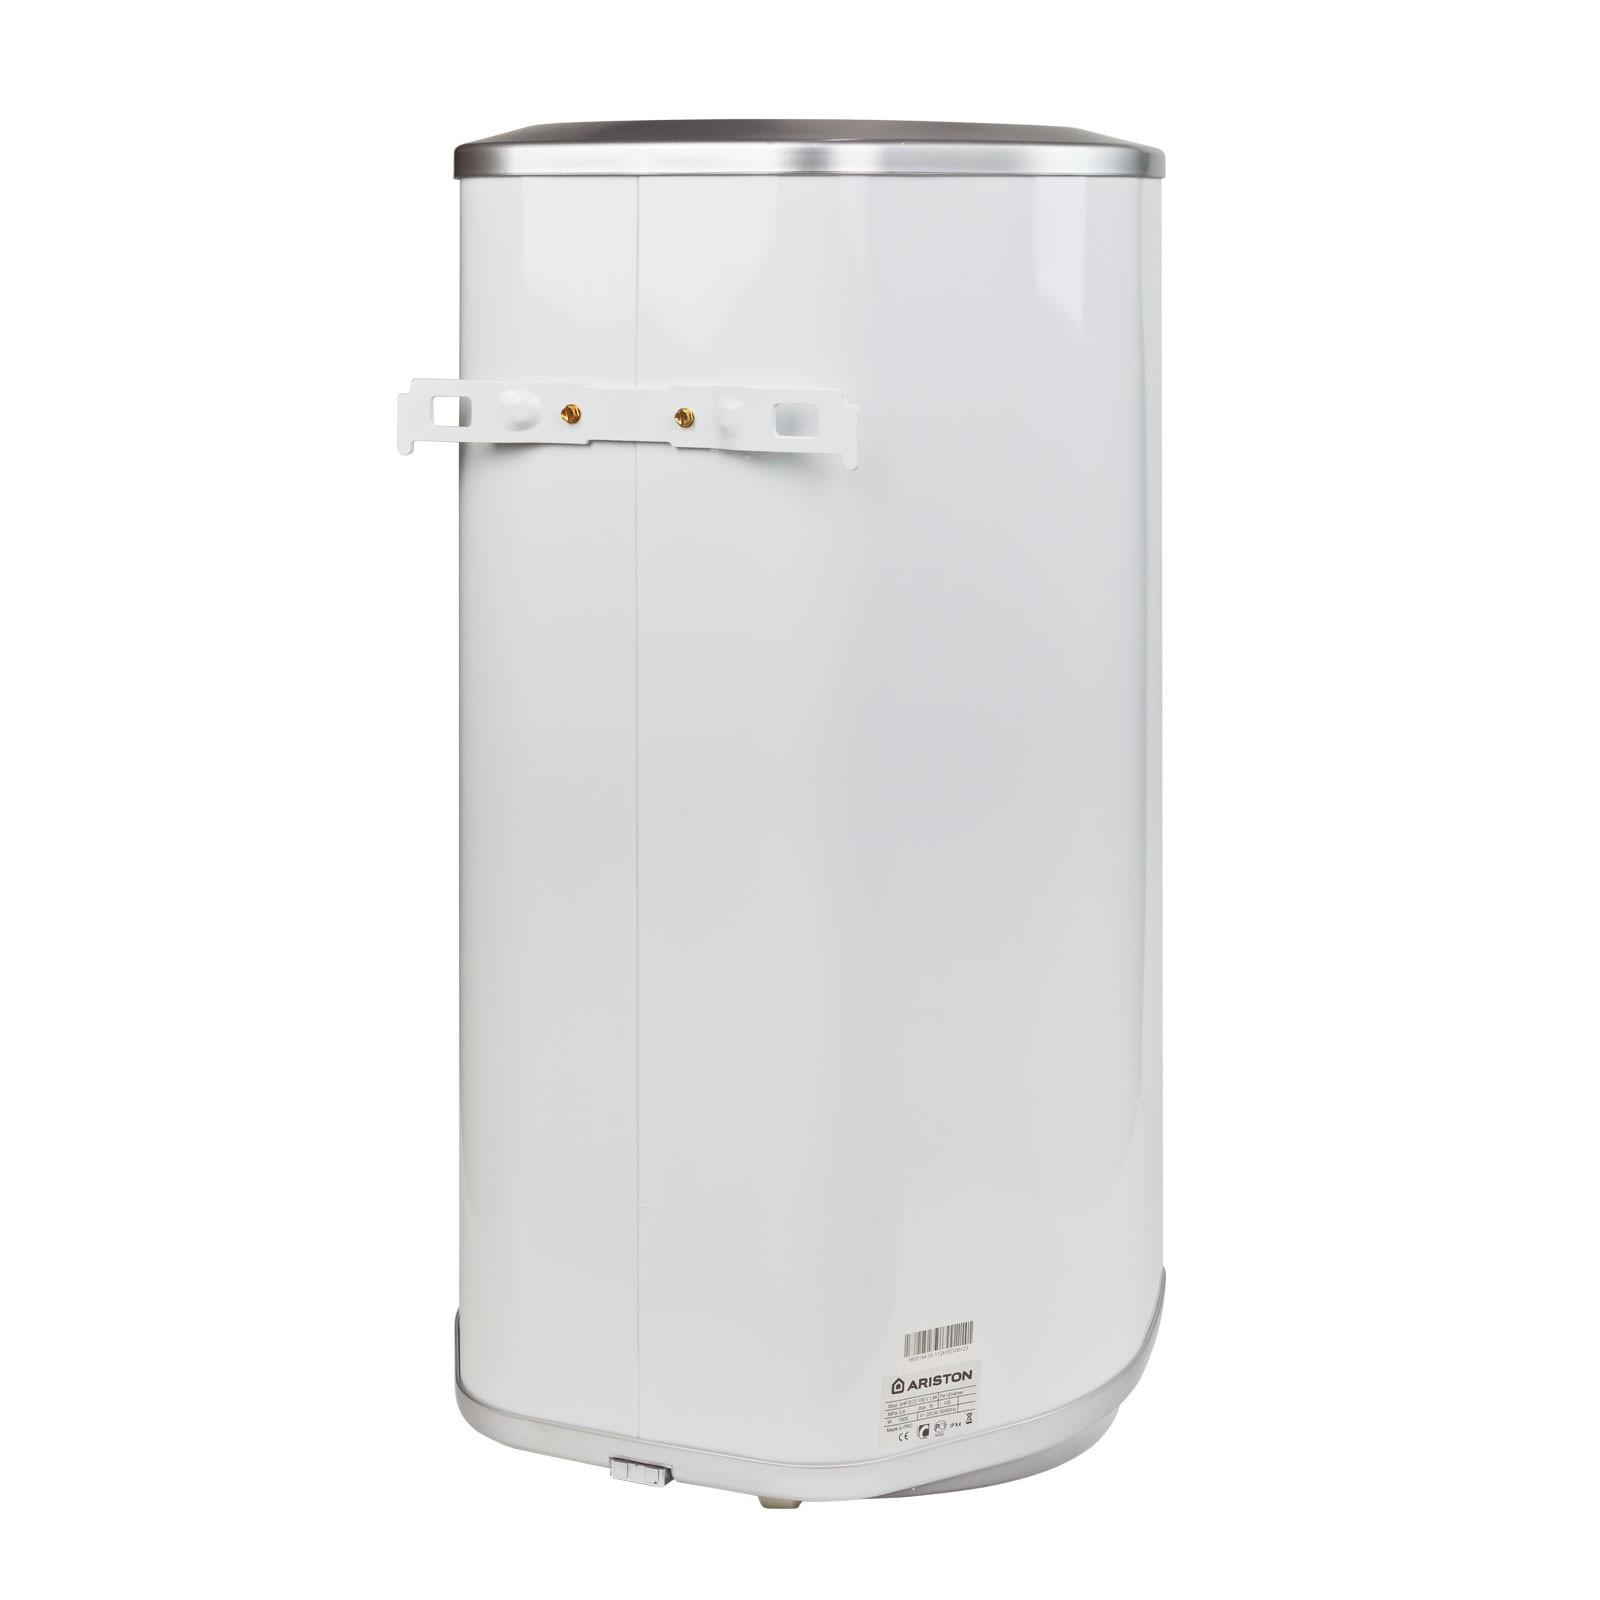 ariston shape eco 80l warmwasserspeicher warmwasser boiler. Black Bedroom Furniture Sets. Home Design Ideas